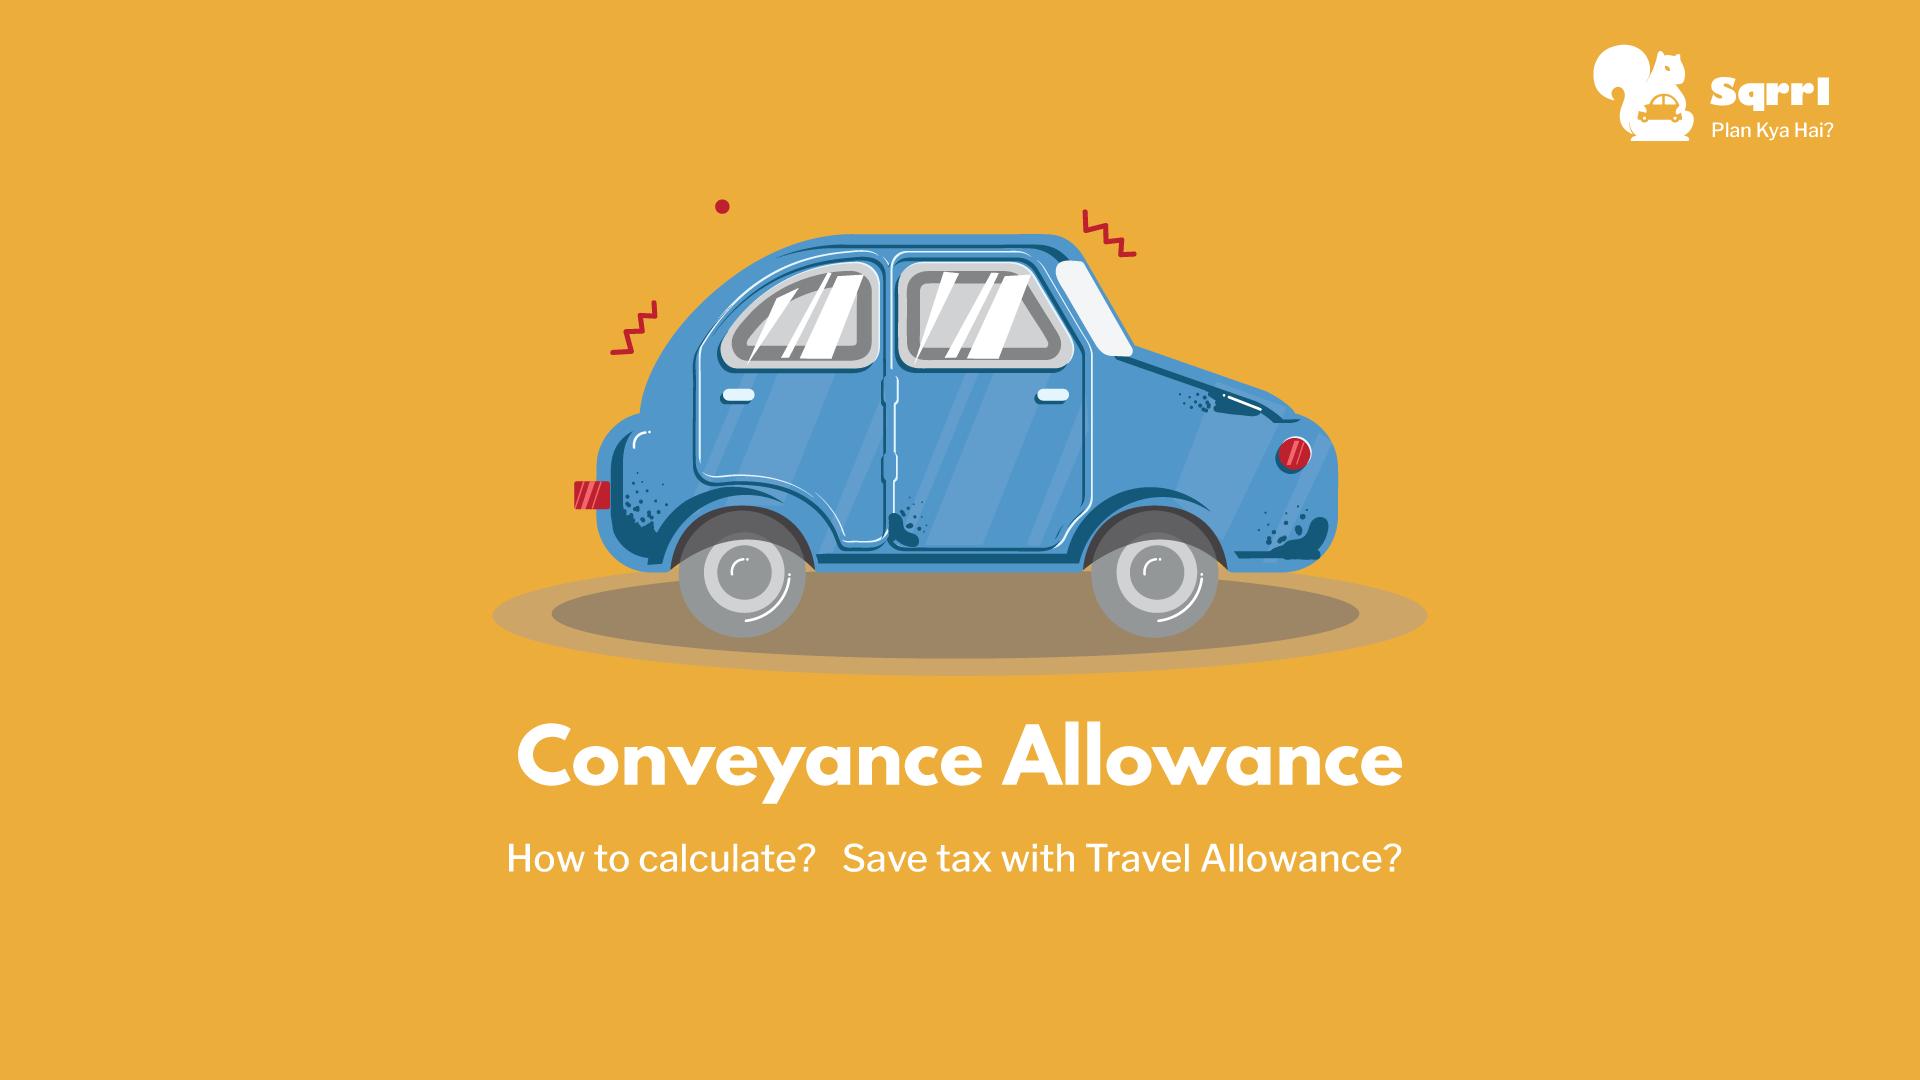 conveyance allowance